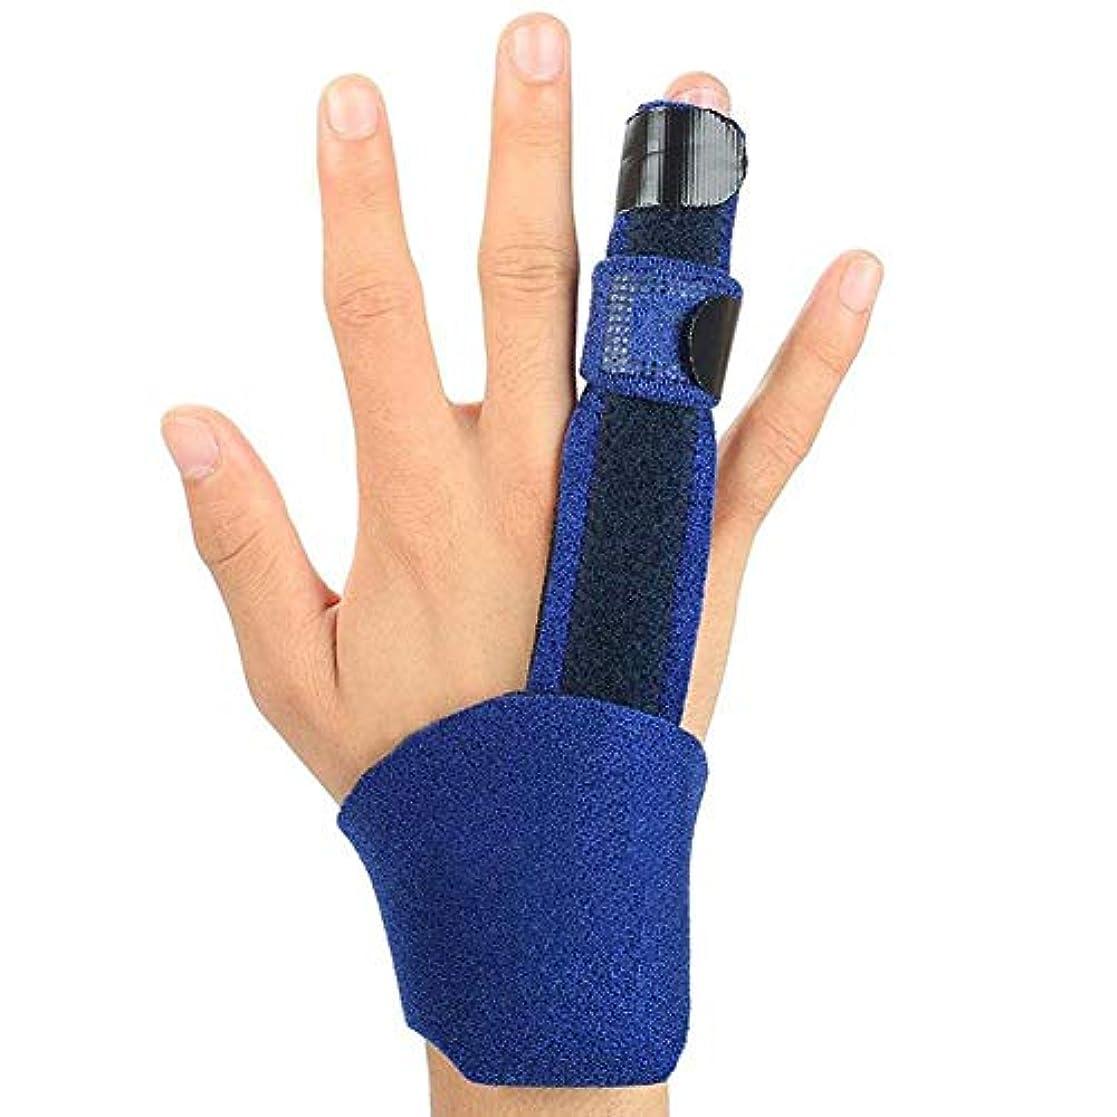 フォルダ分類入植者トリガー指スプリント、内蔵のアルミニウムを備えた調節可能な固定ベルト、腱炎、骨折または骨折した指の痛みを軽減します。